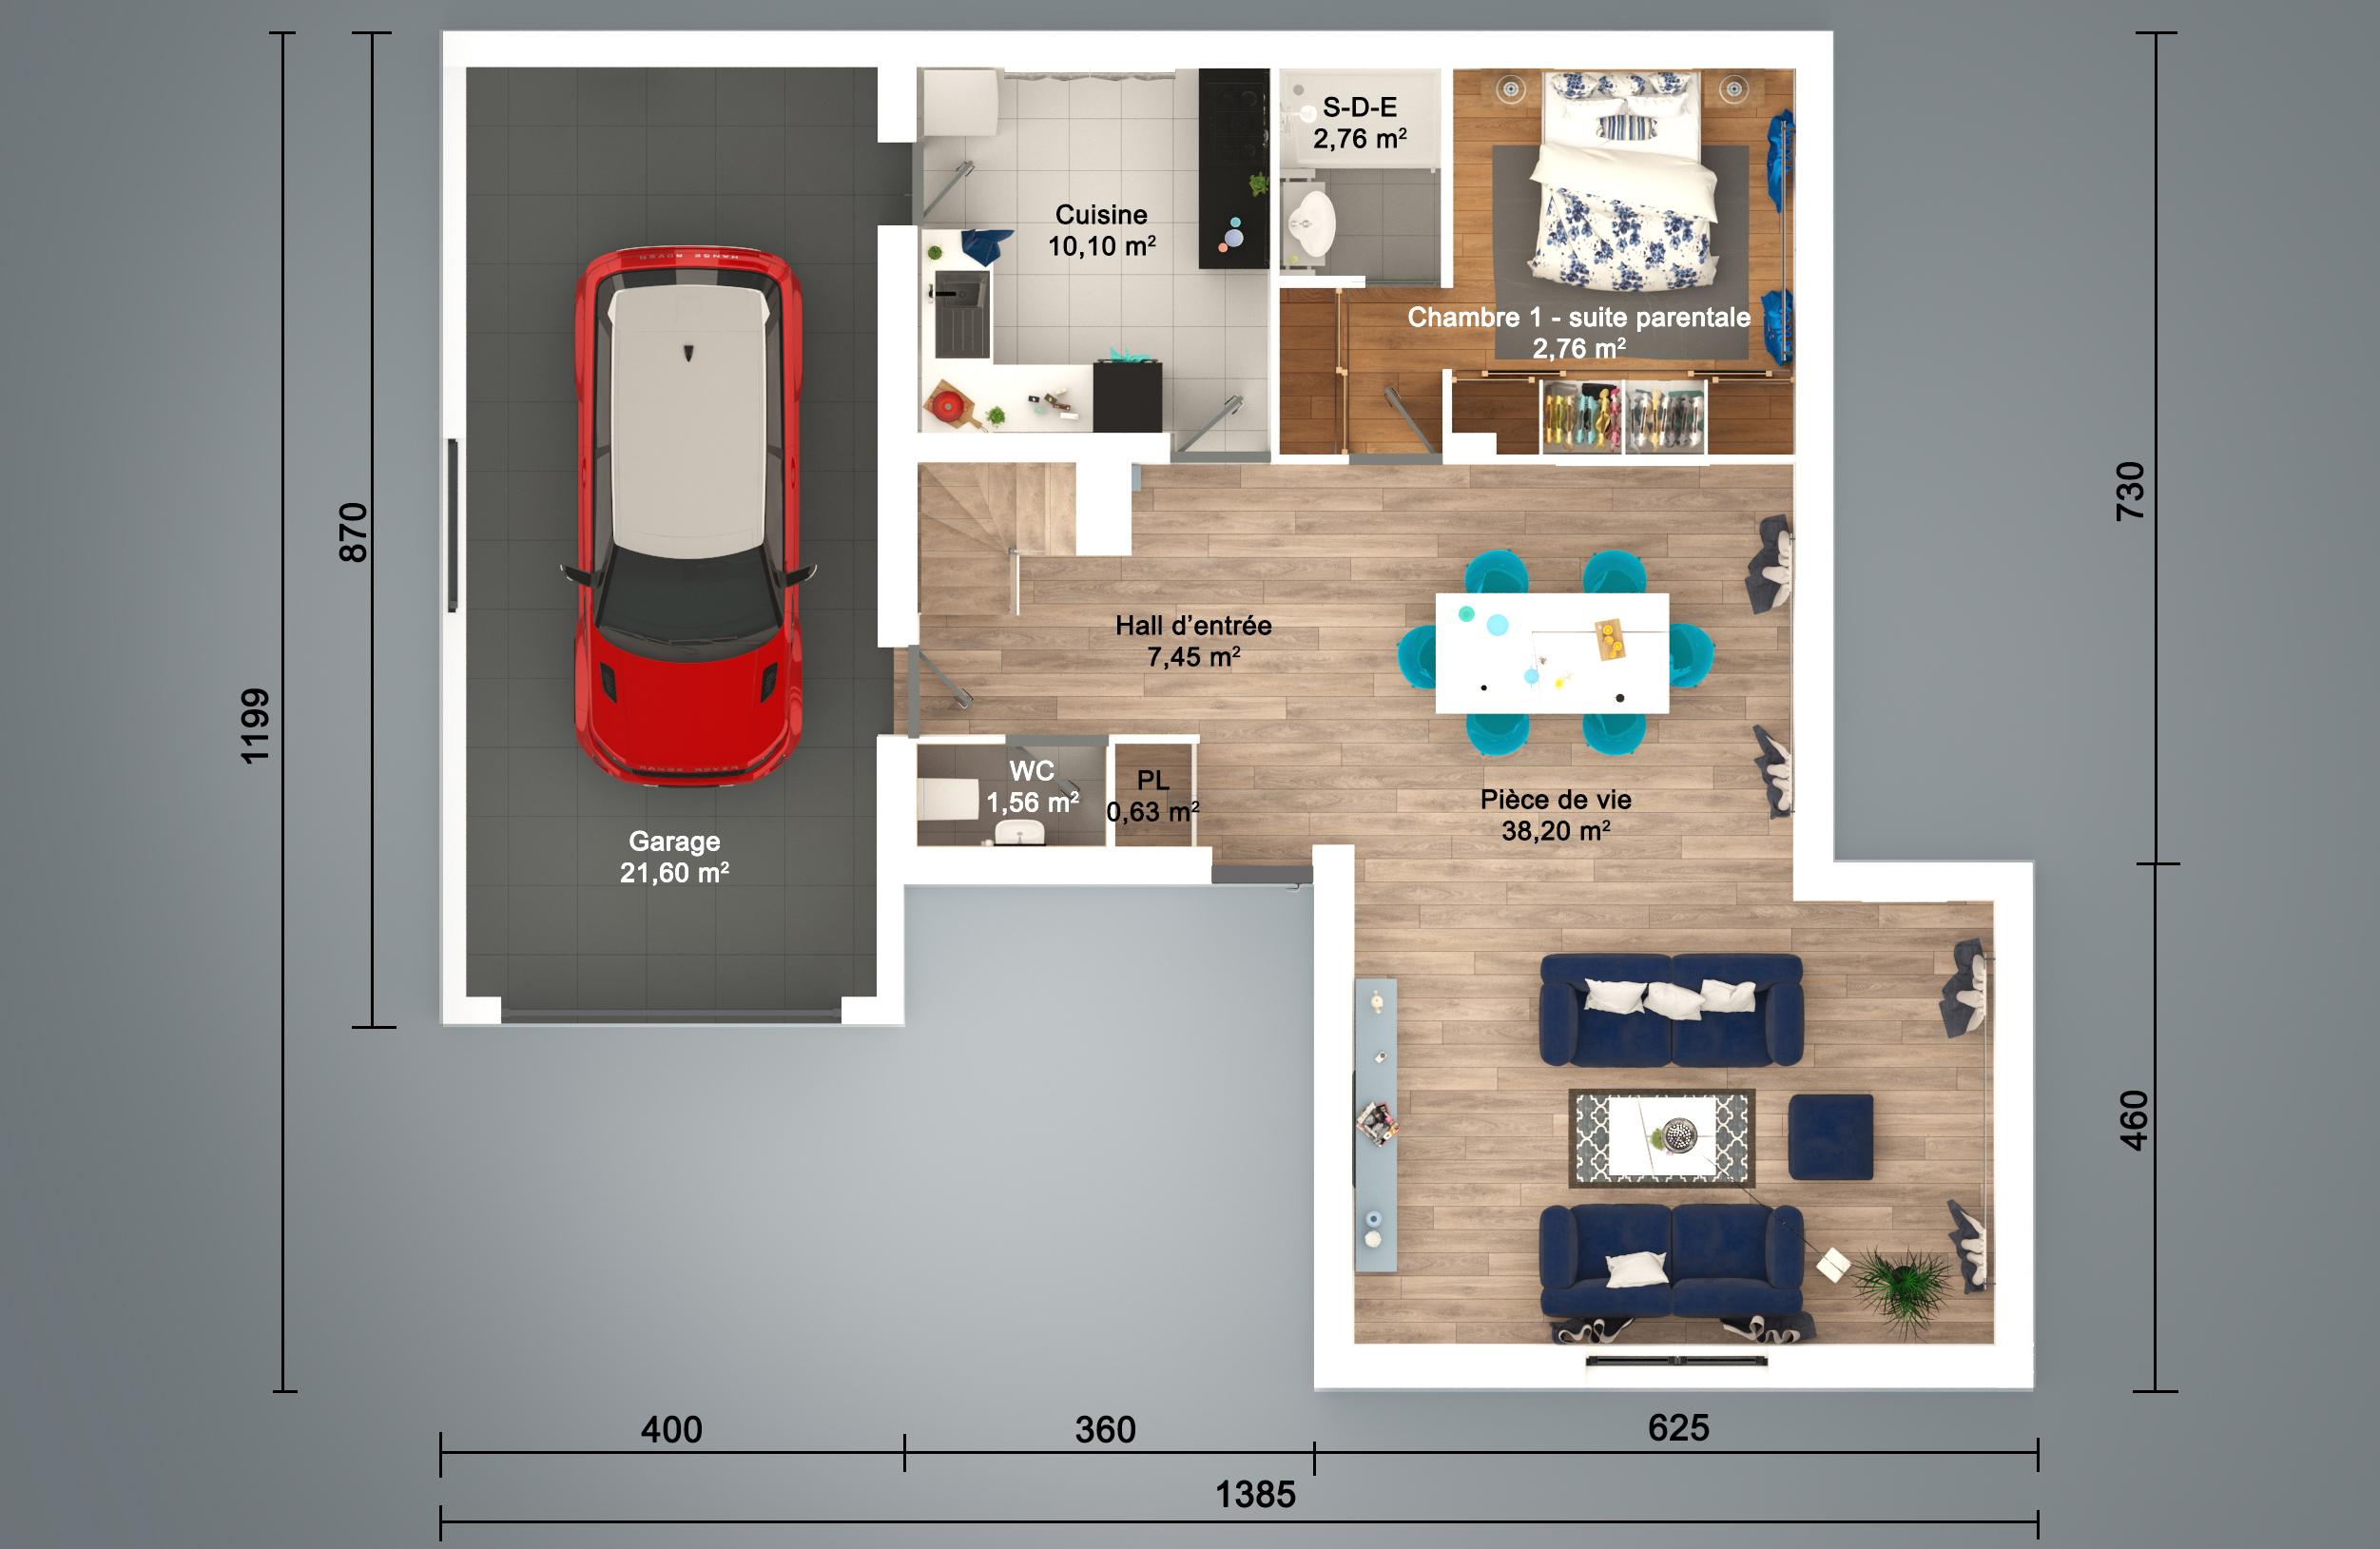 Prestations 3d Pour Constructeurs De Maisons Individuelles # Model De Meuble Simple A La Maison